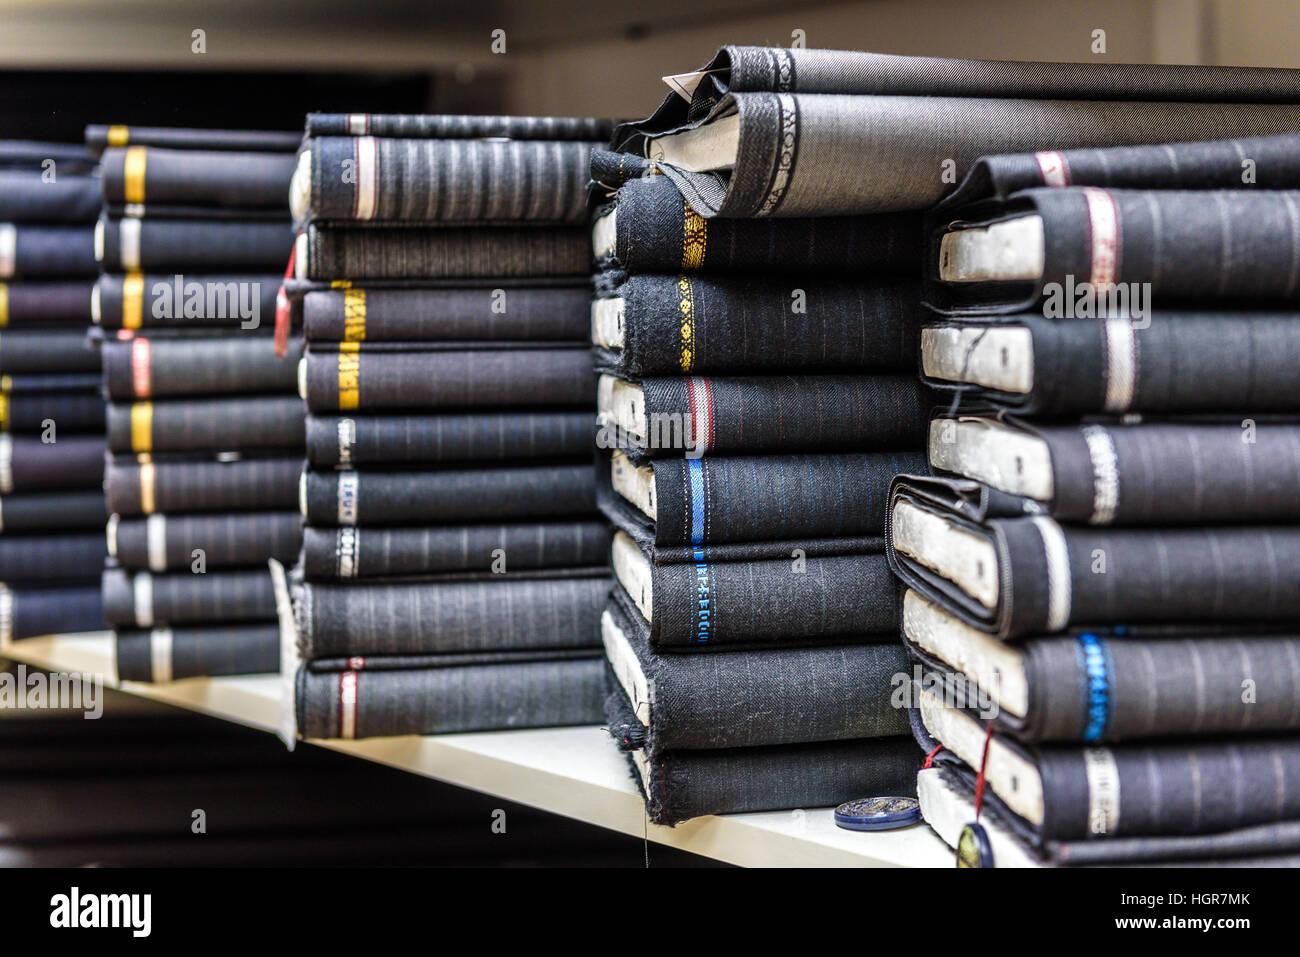 Rollen Aus Stoff Und Textilien In Einen Fabrikverkauf Mehrere